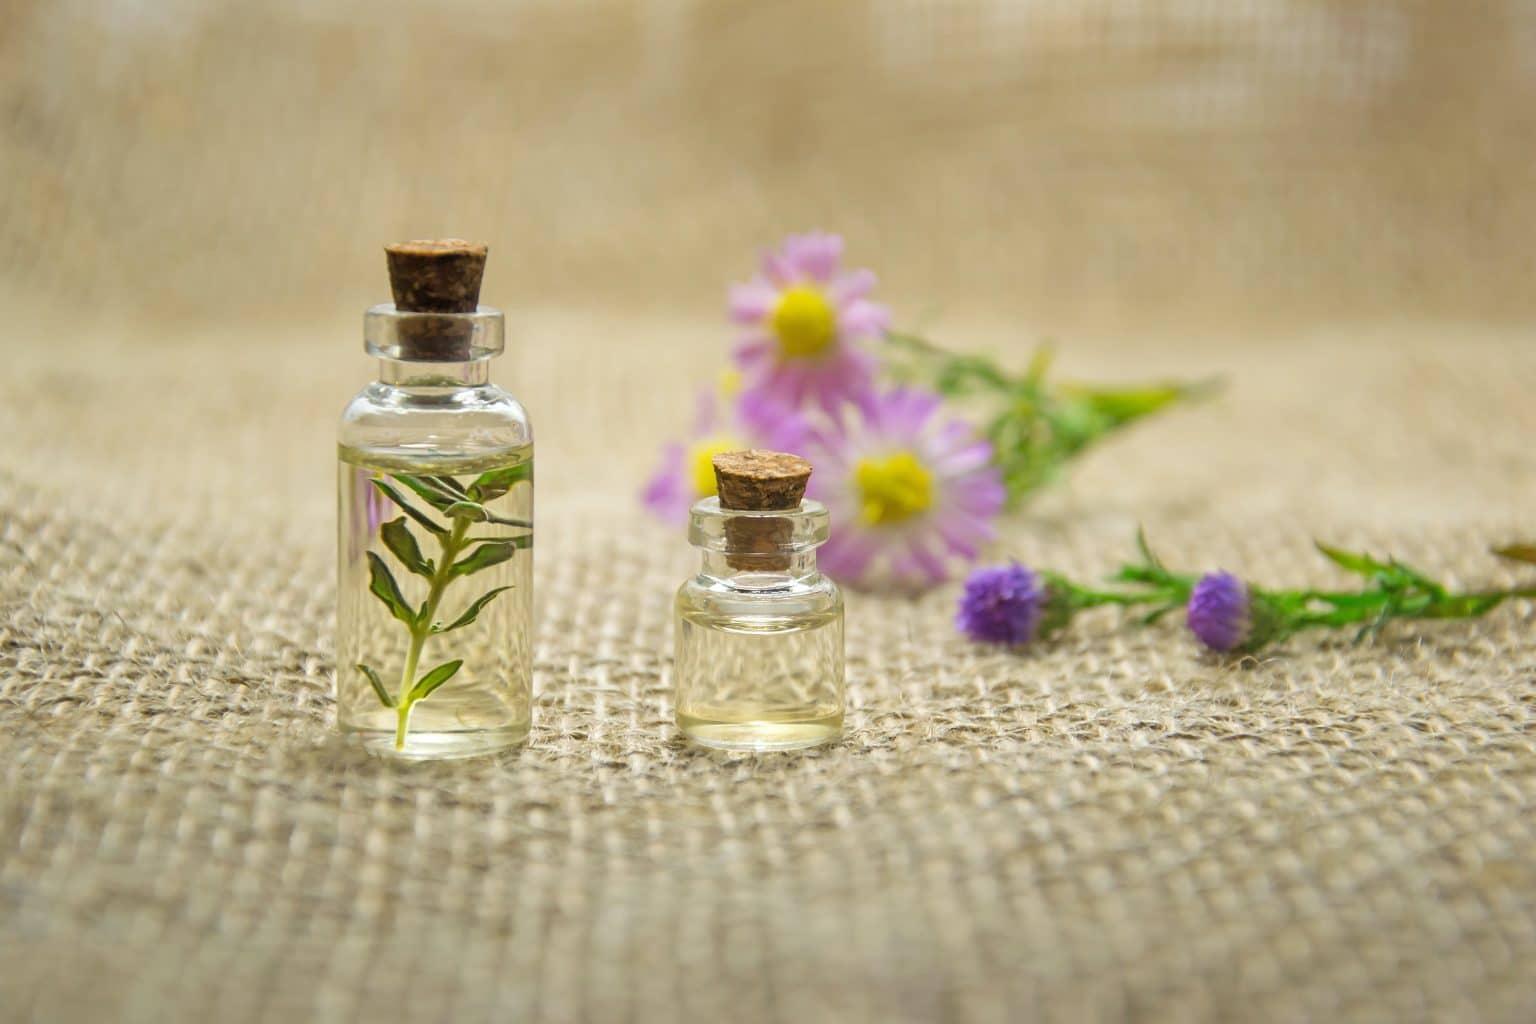 Ätherisches Öl in kleiner Flasche mit Korken und Blumen auf Jute